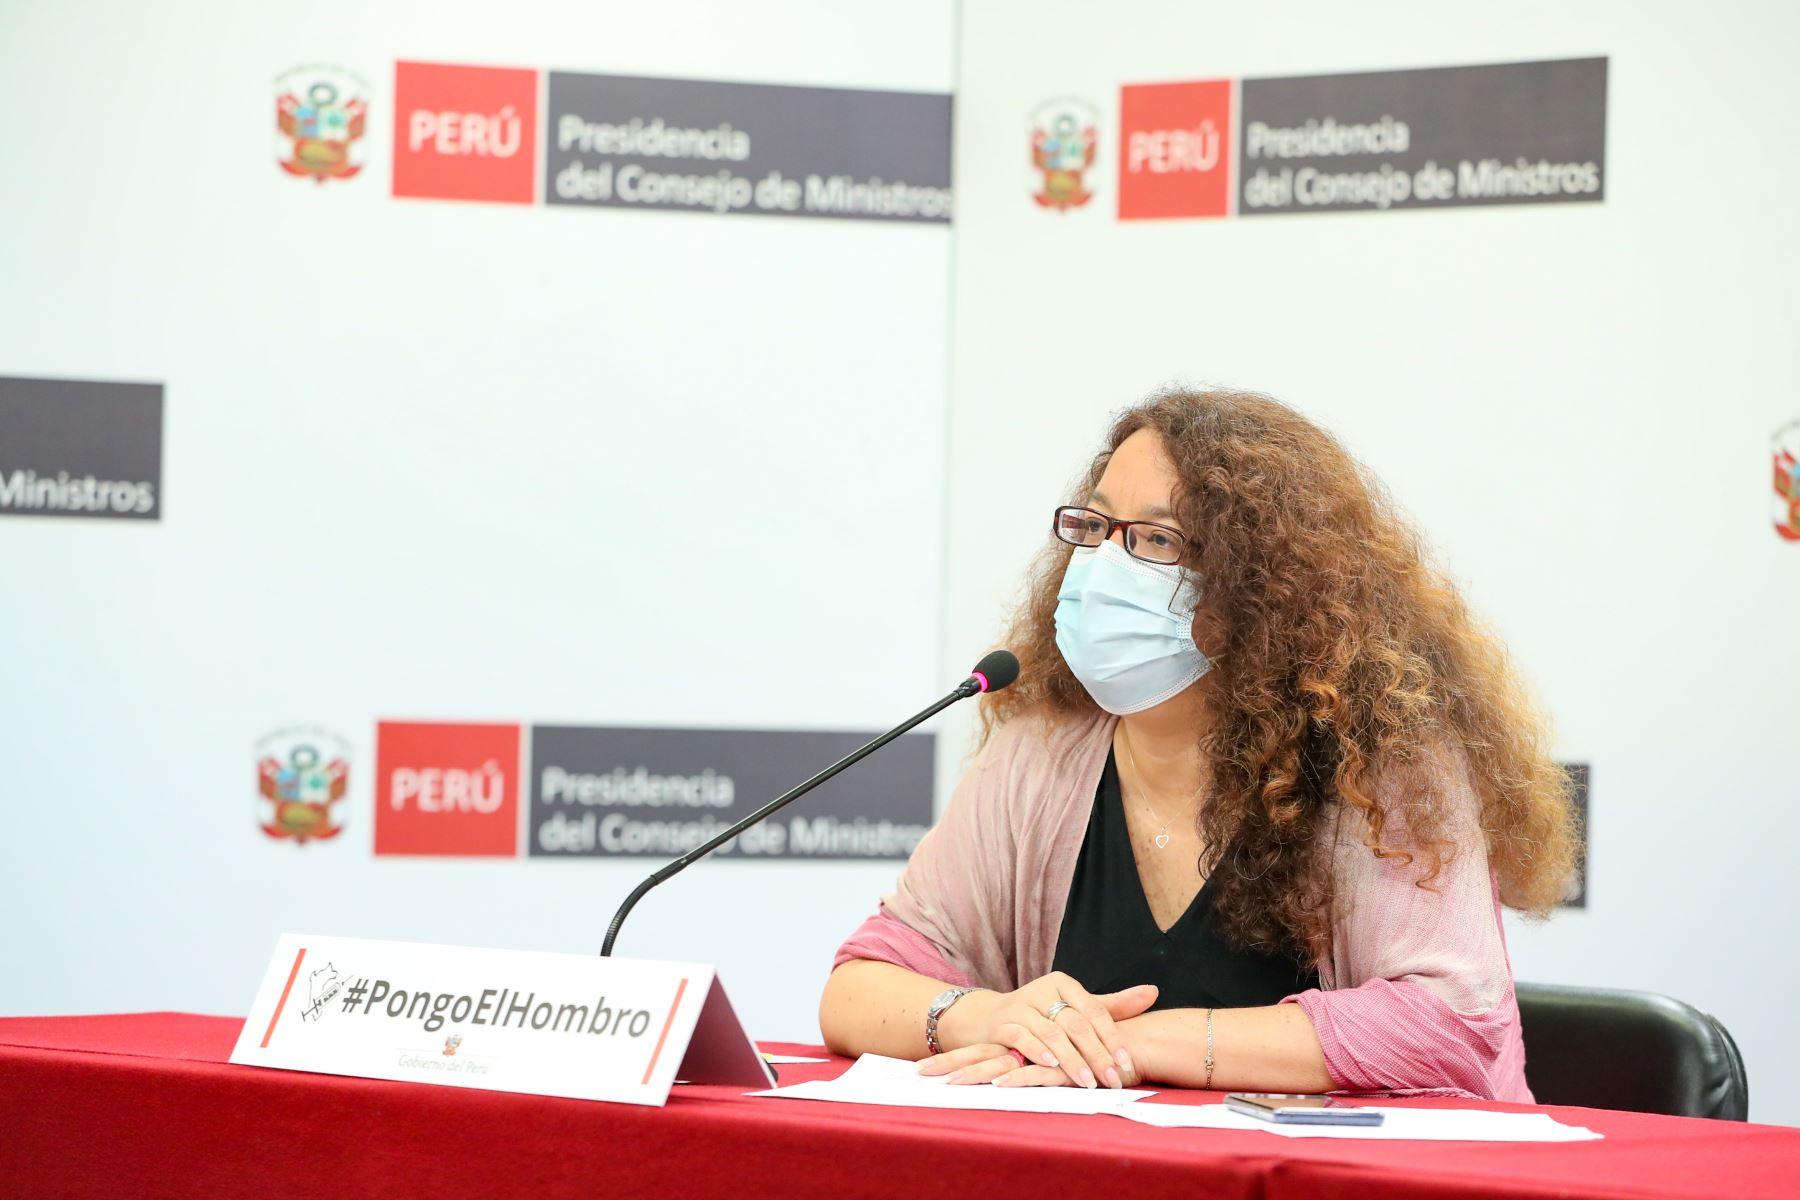 El ministro de la Producción, José Luis Chicoma y la ministra de Desarrollo e Inclusión Social, Silvana Vargas ofrecieron una conferencia de prensa en la sede de la Presidencia del Consejo de Ministros. Foto: PCM